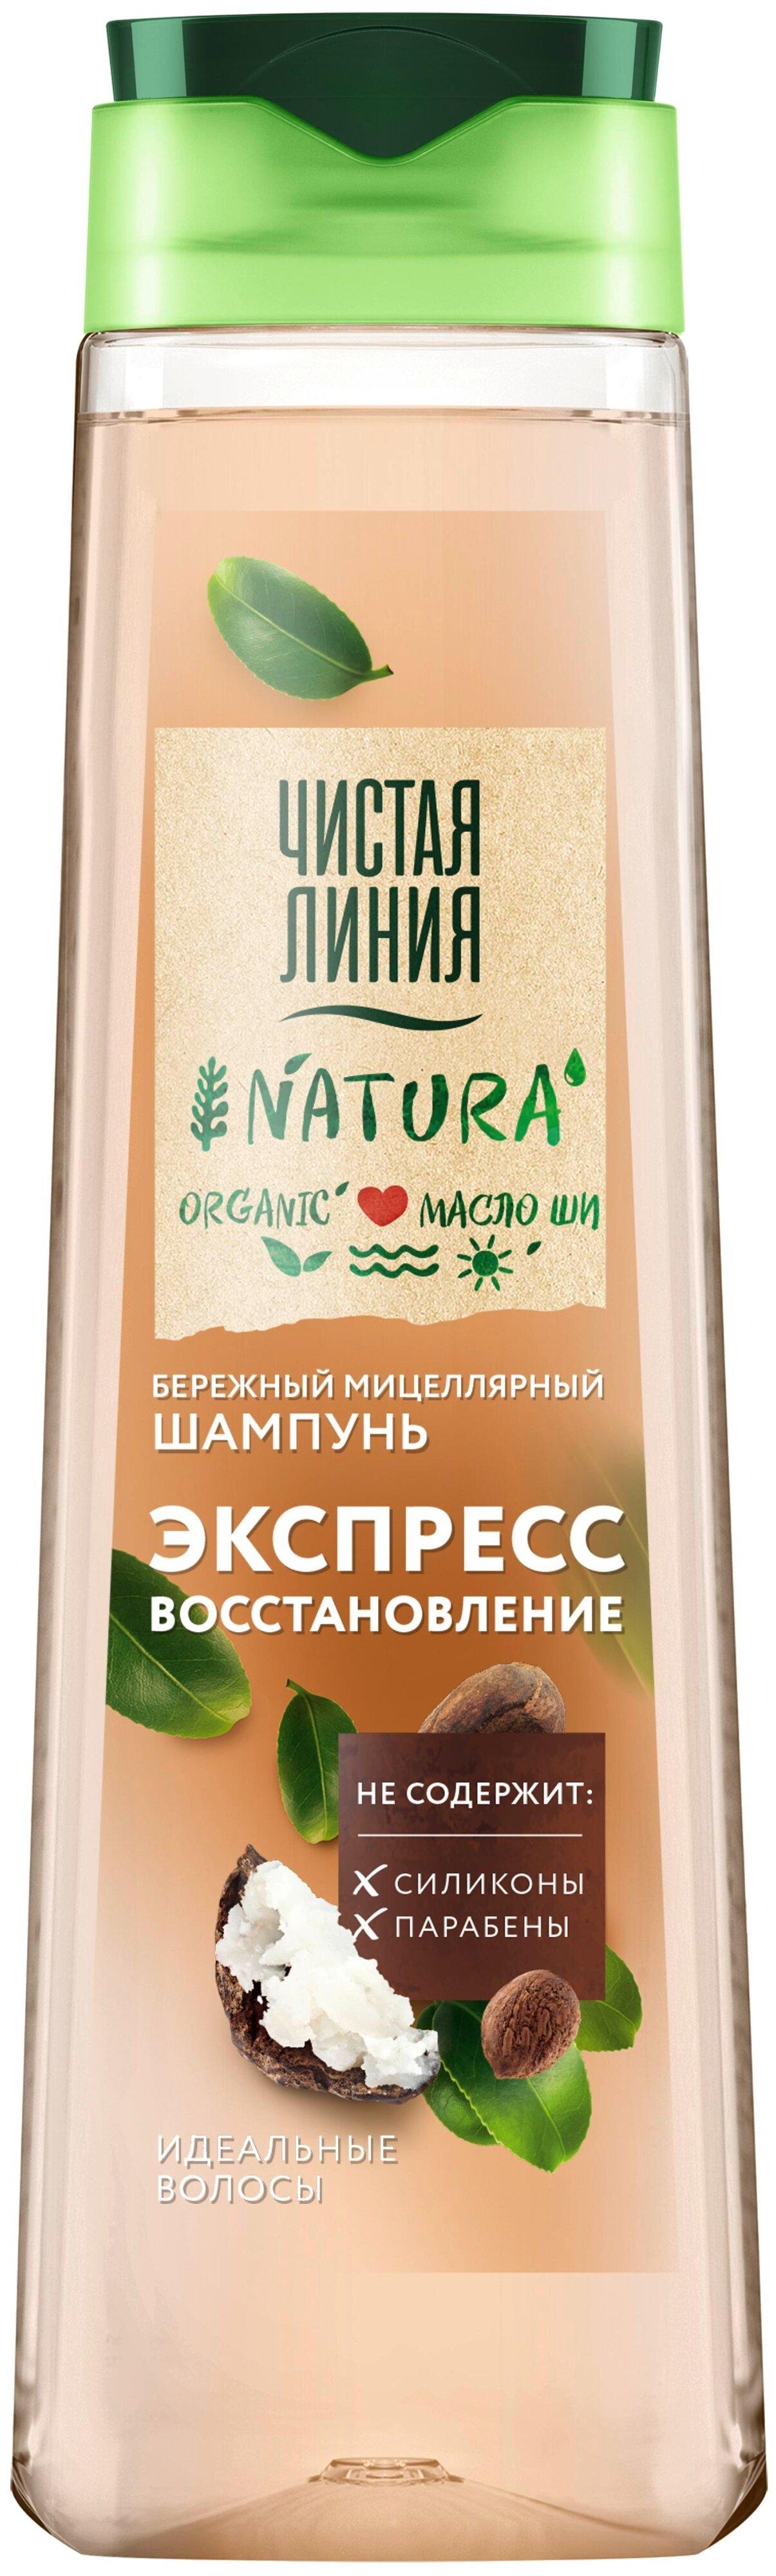 Чистая линия шампунь Мицеллярный Идеальные Волосы — купить по выгодной цене на Яндекс.Маркете